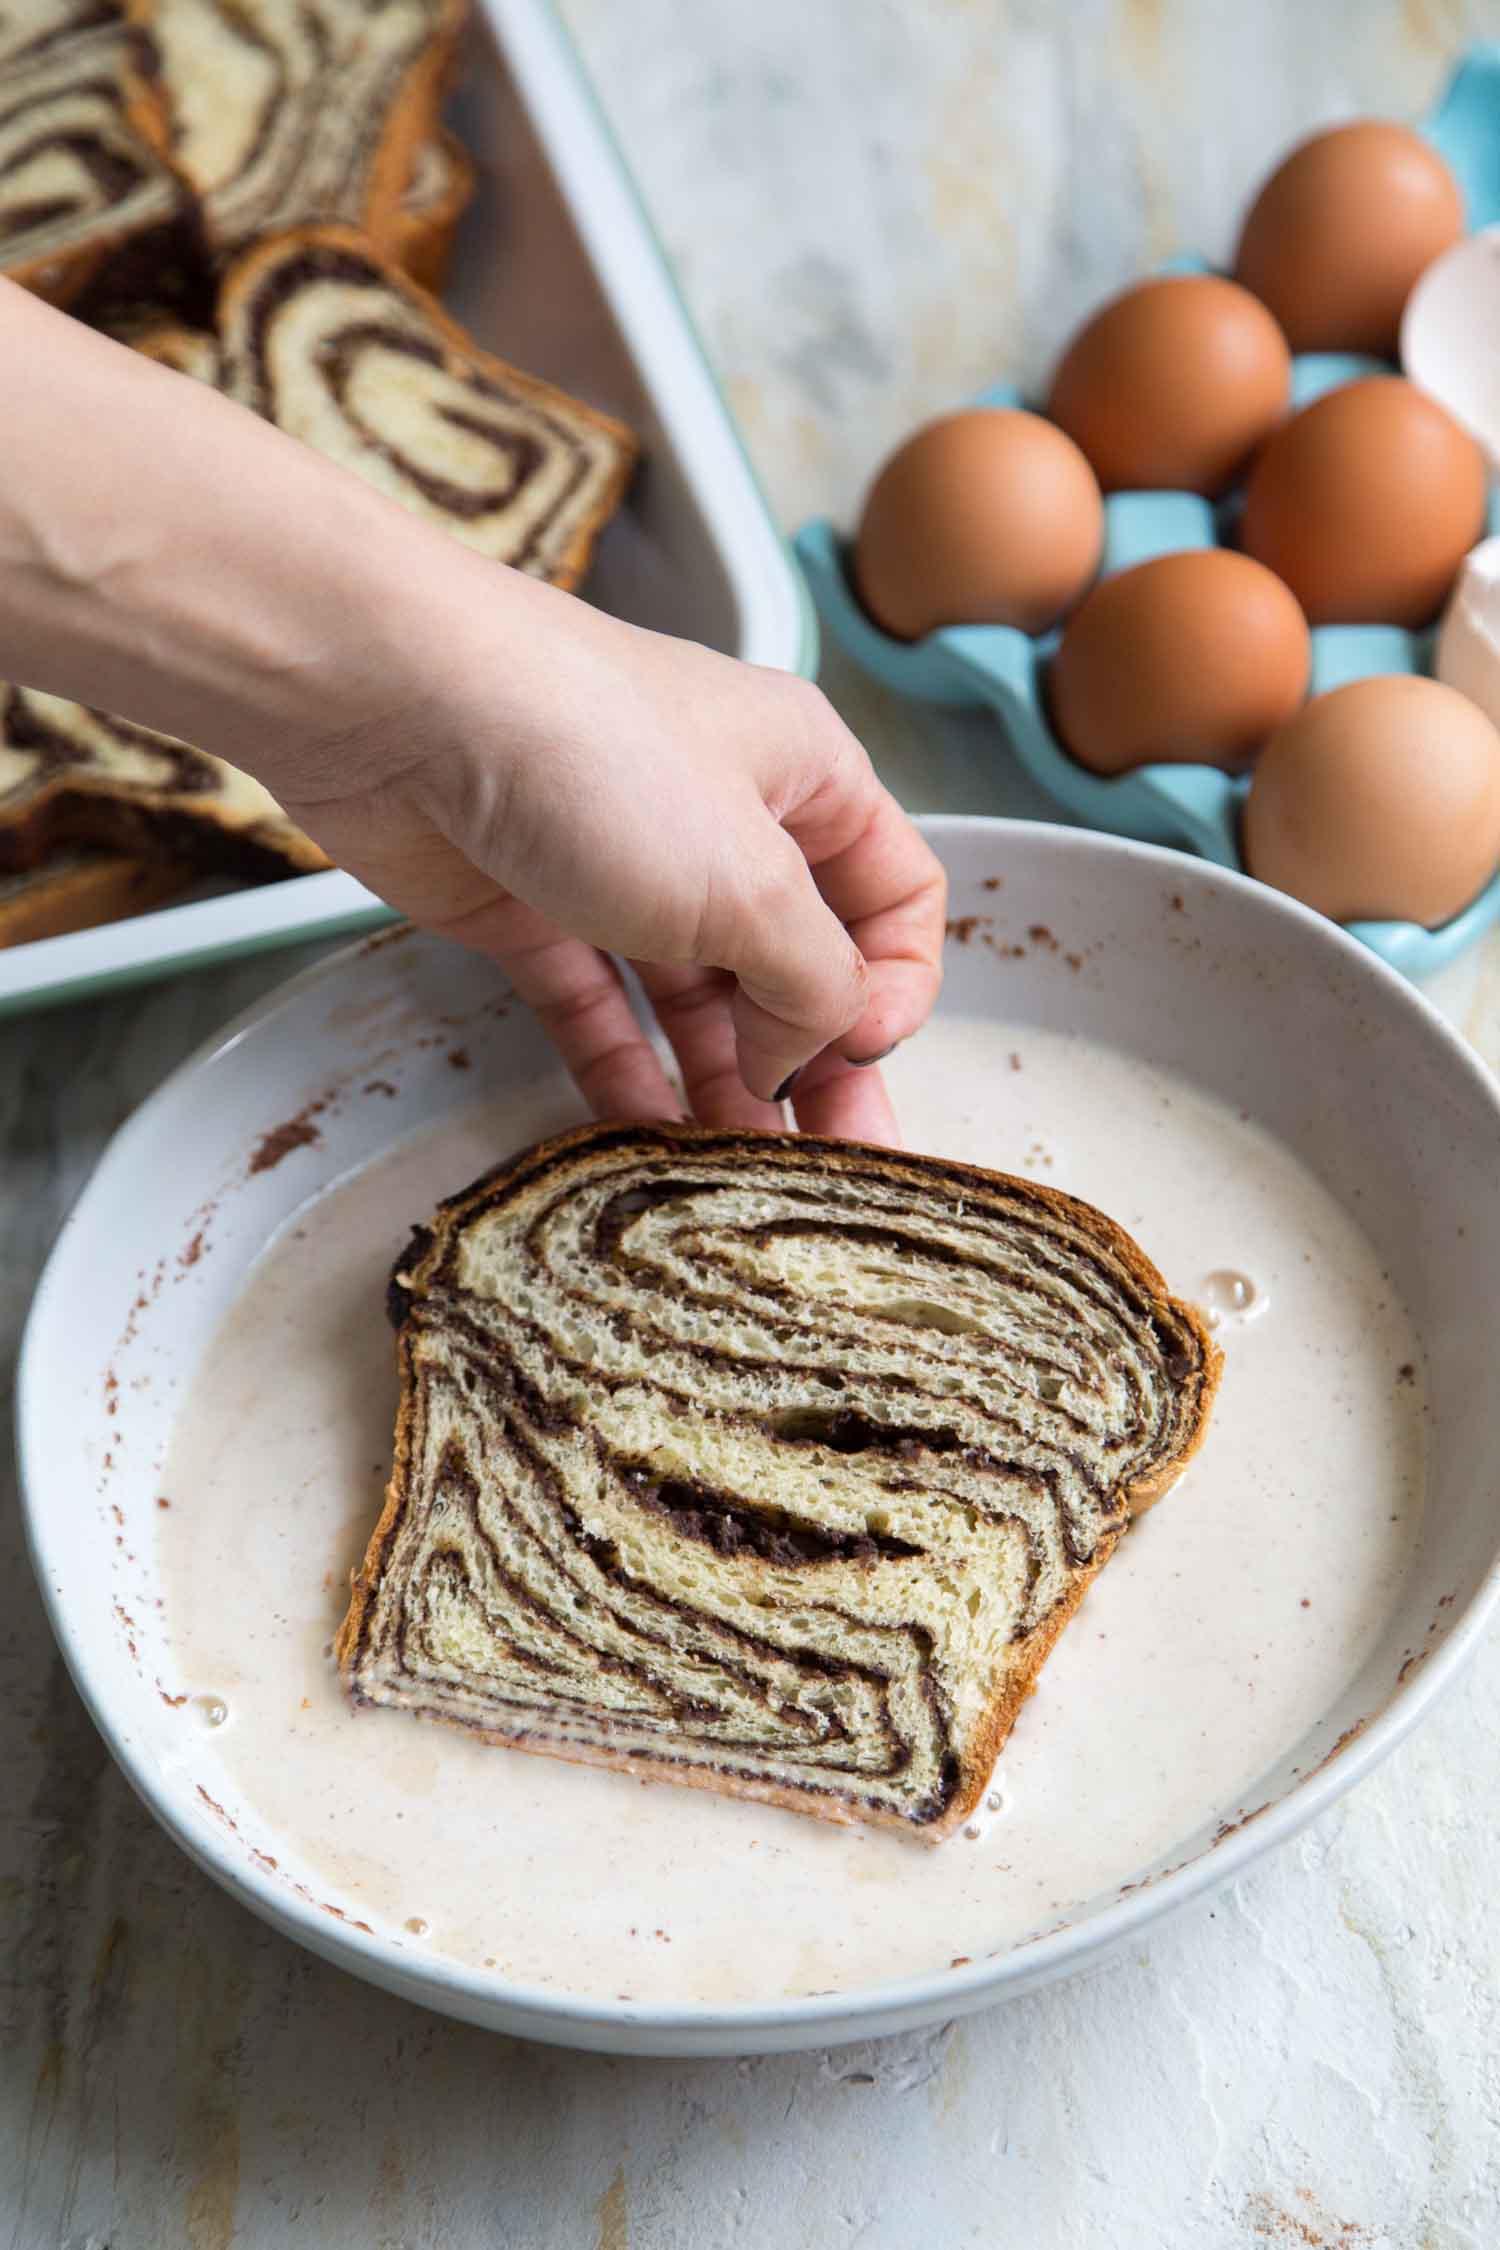 Chocolate Babka French Toast